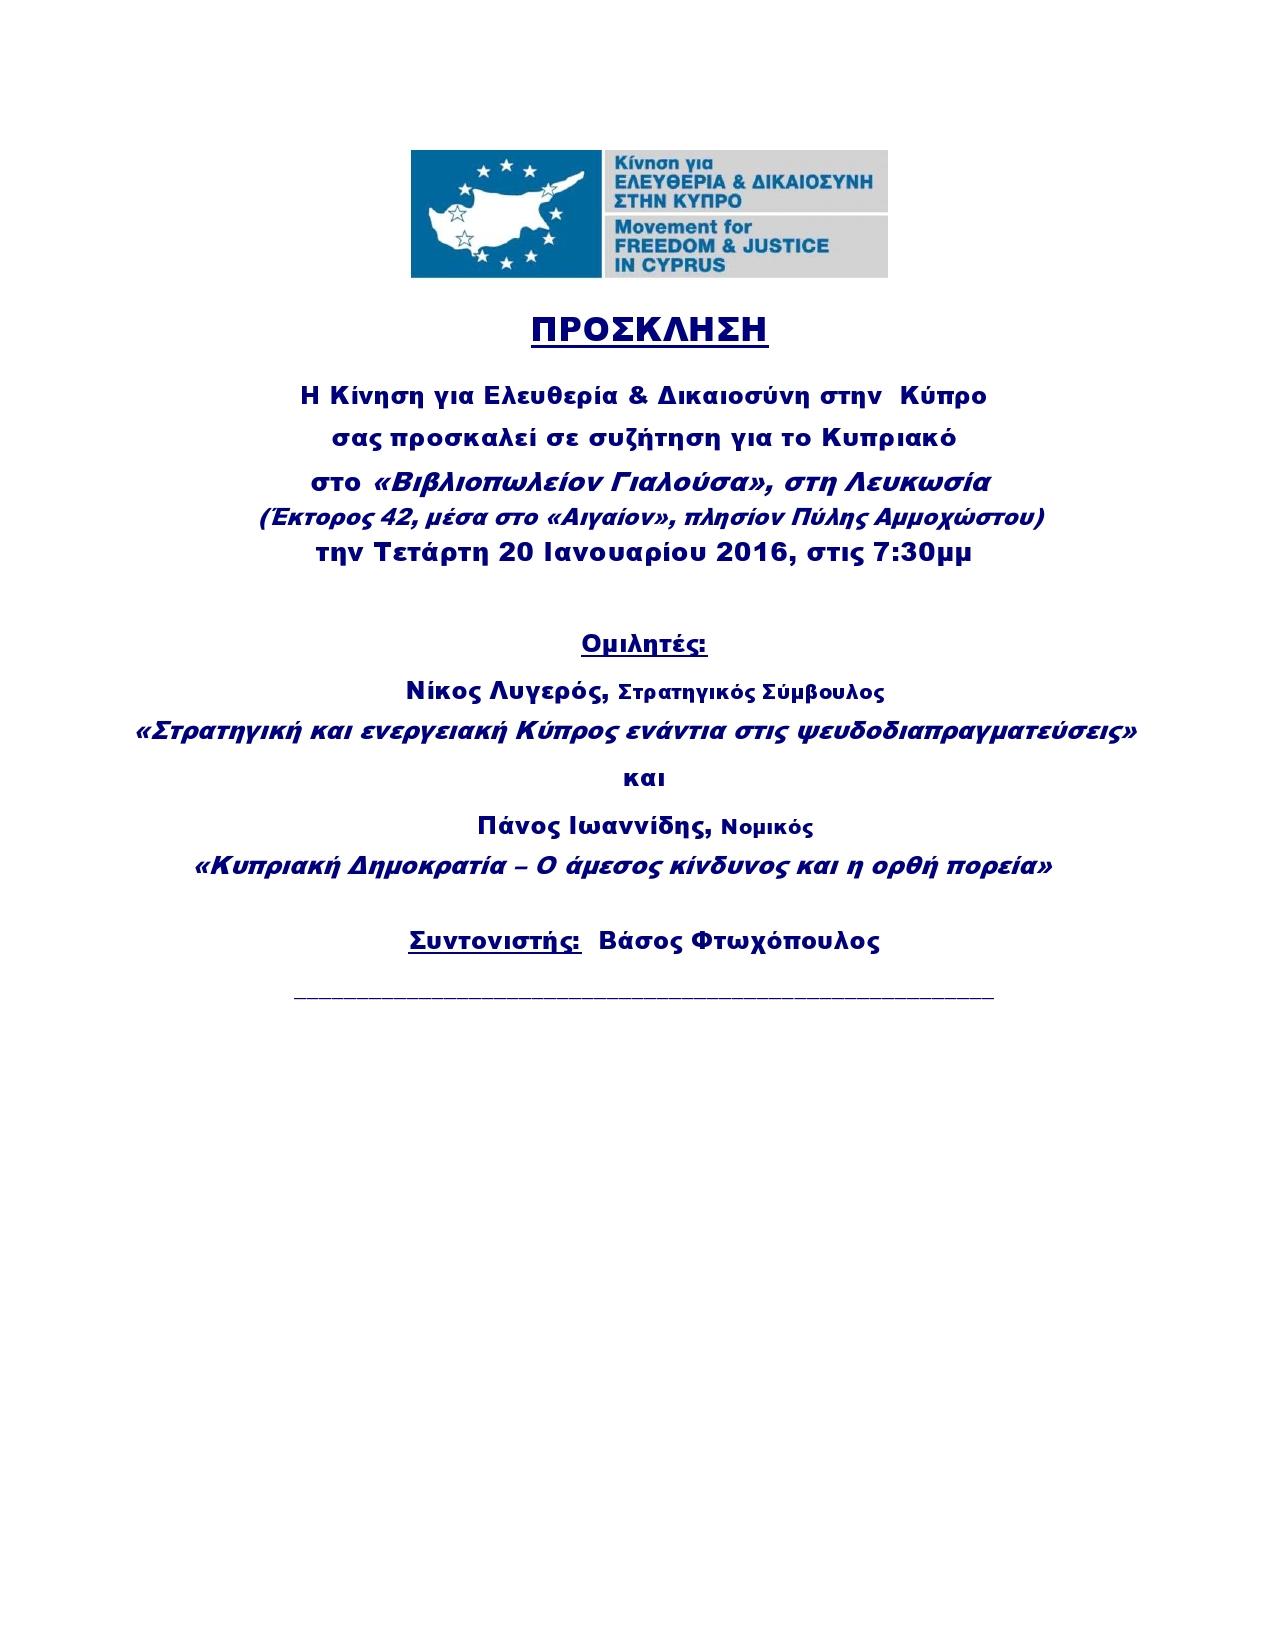 Στρατηγική και ενεργειακή Κύπρος ενάντια στις ψευδοδιαπραγματεύσεις